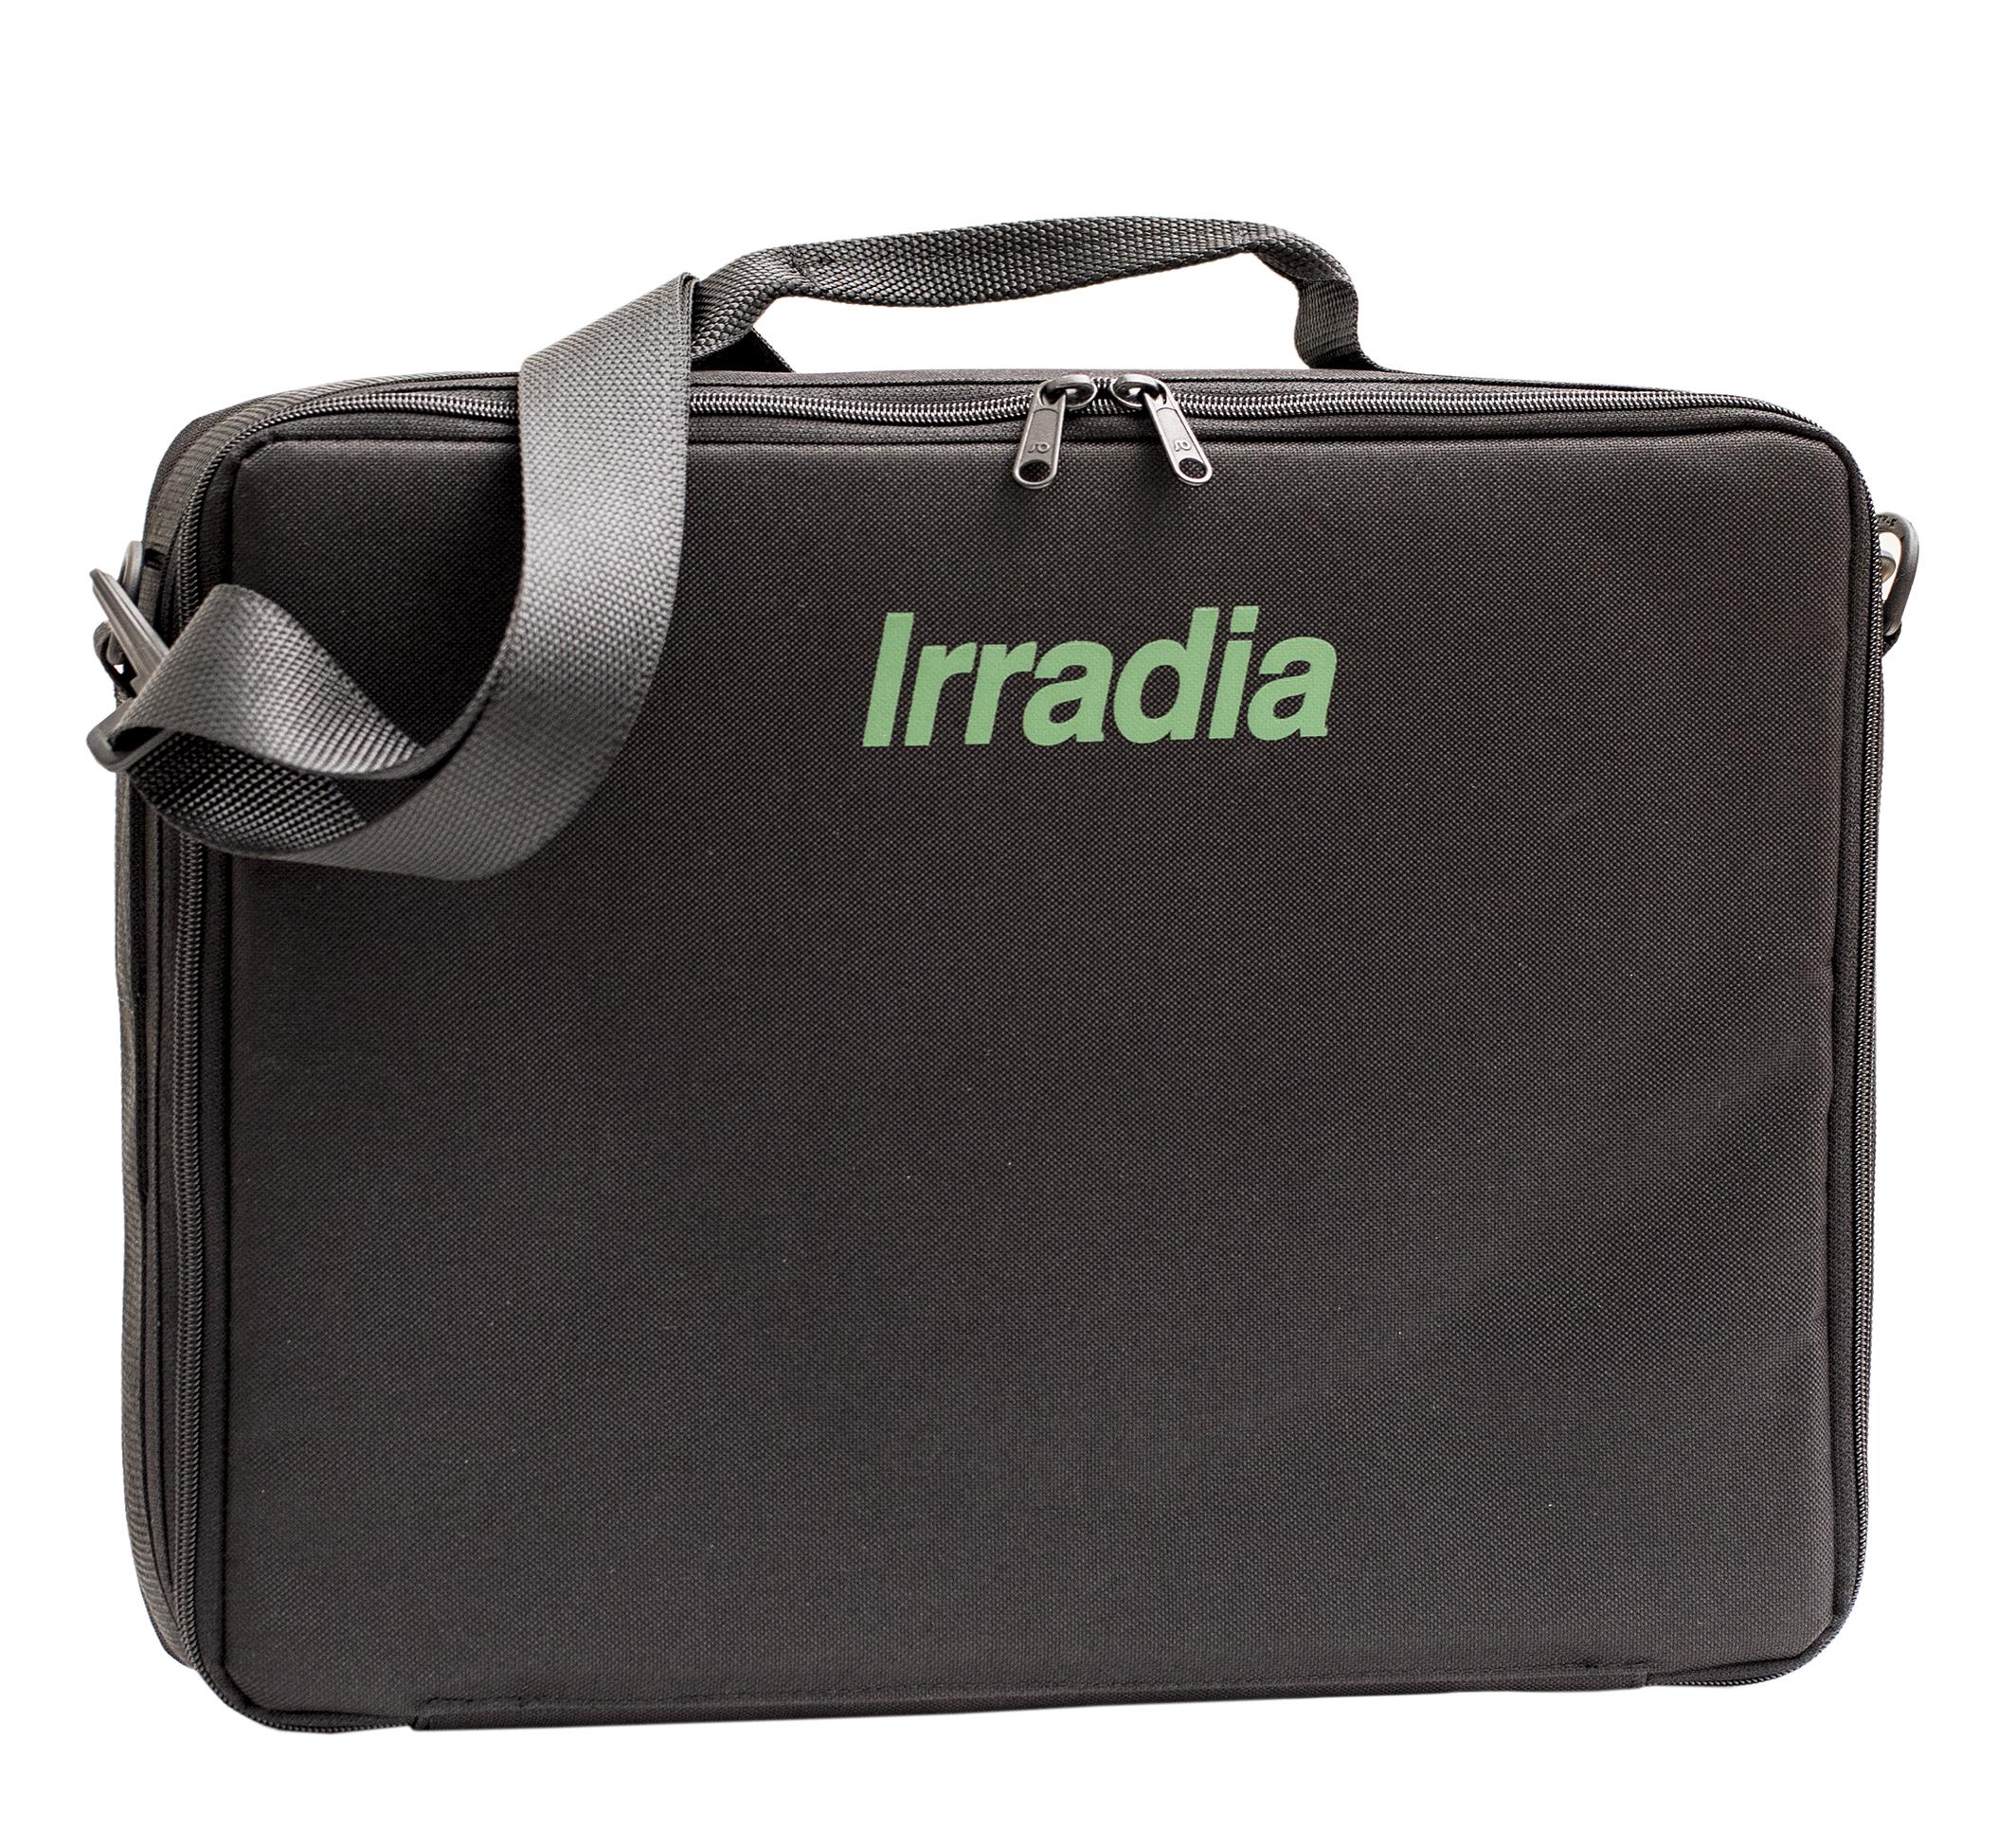 Mjuk väska med insats (Irradia logga), rymmer 4 st prober